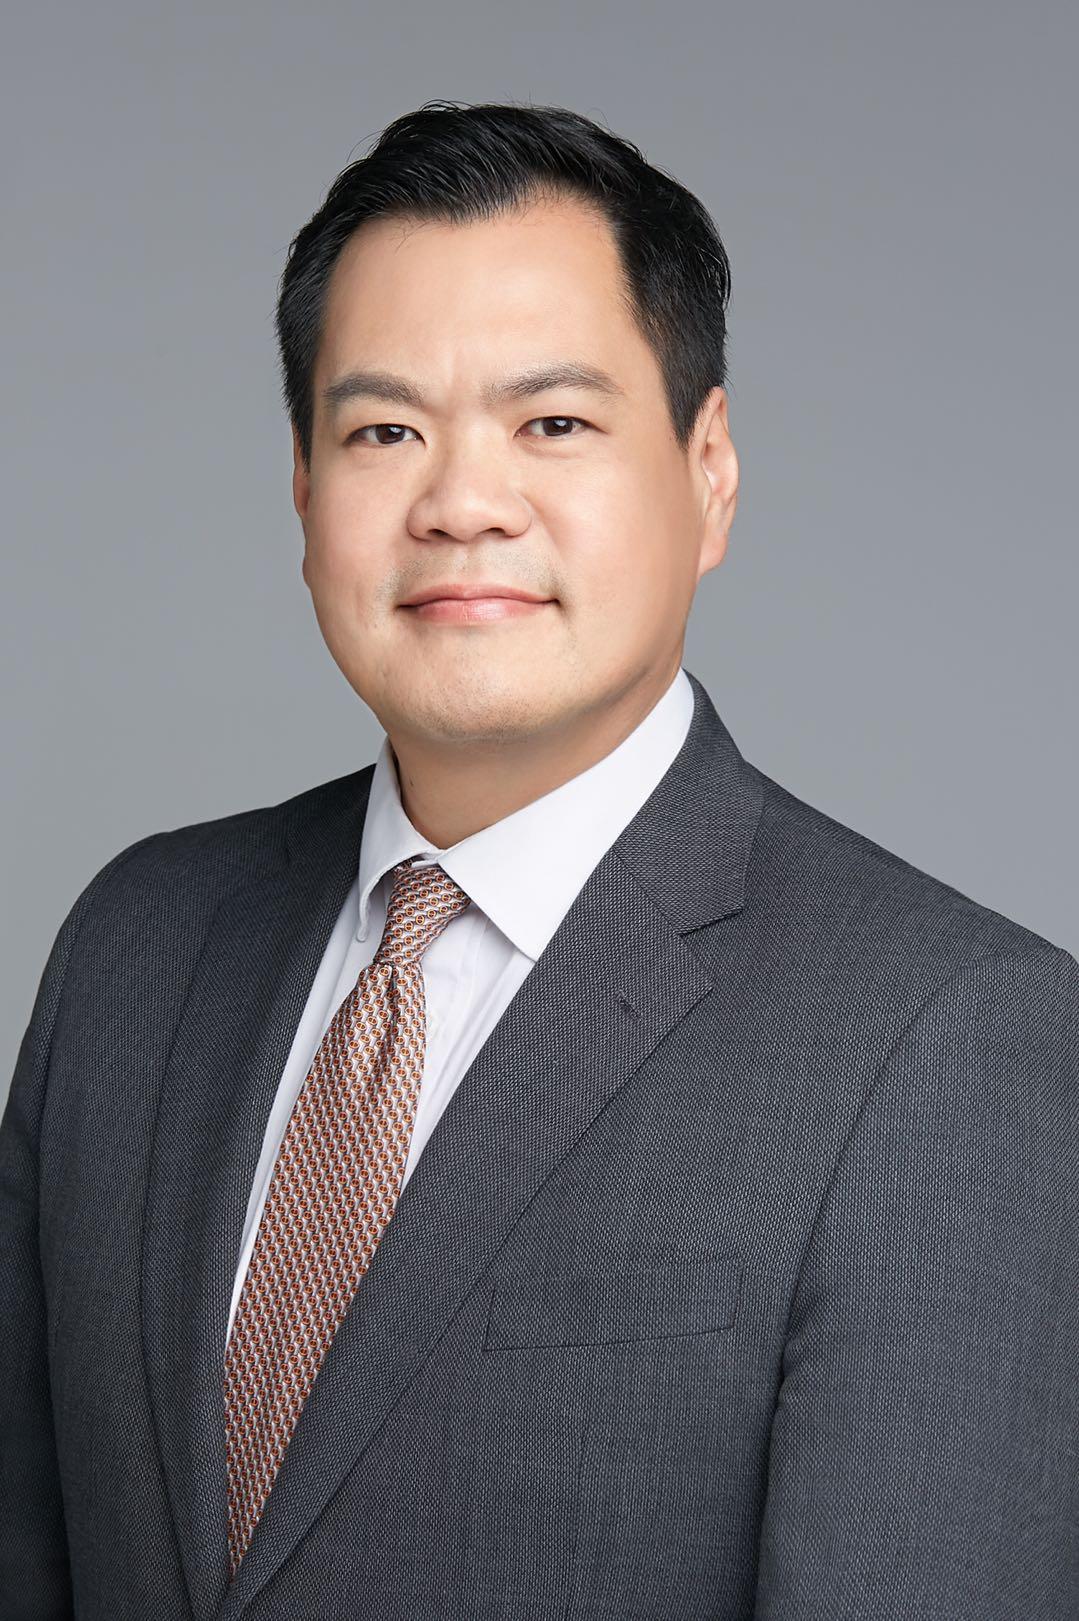 速8酒店(中国)CEO: 把干净&友好的服务理念坚持到底